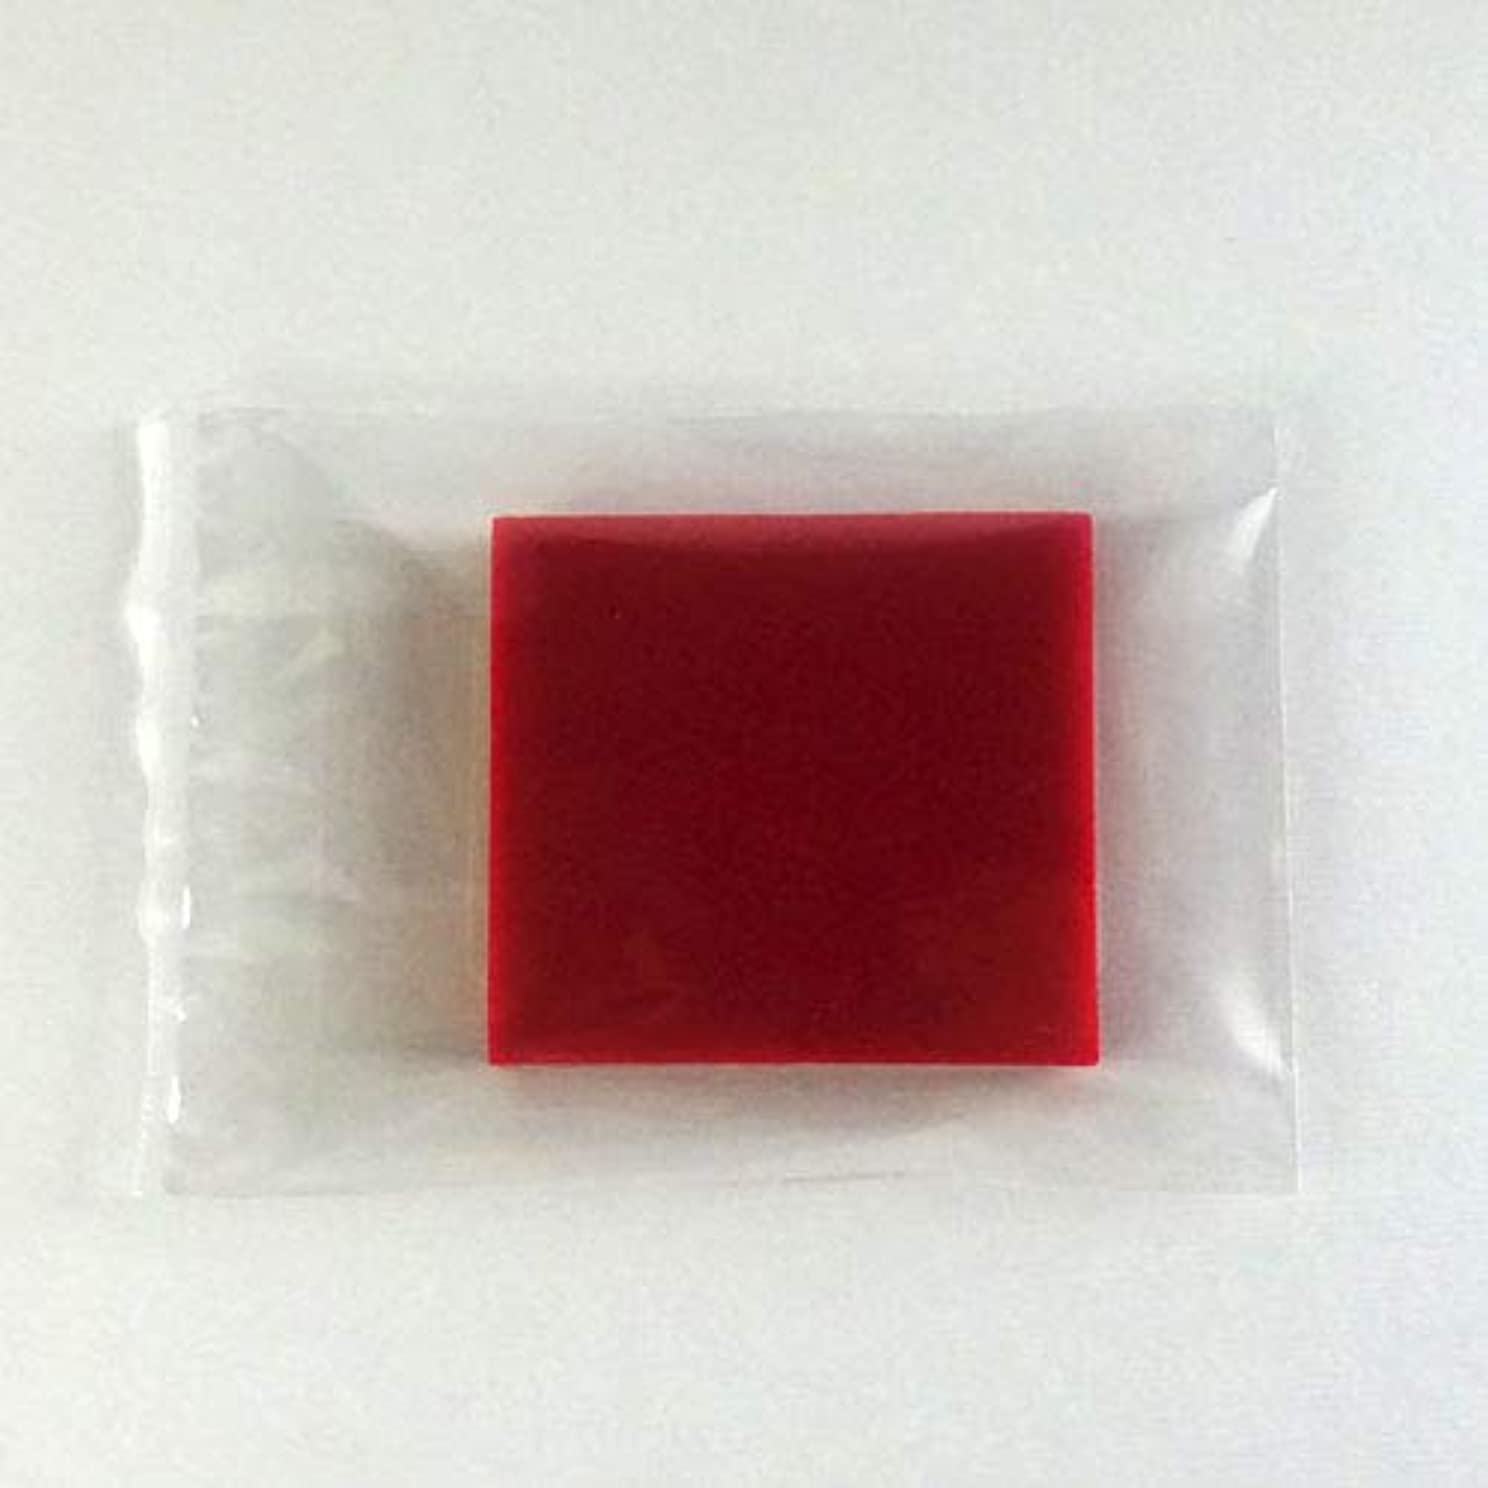 沈黙保全真向こうグリセリンソープ MPソープ 色チップ 赤(レッド) 30g